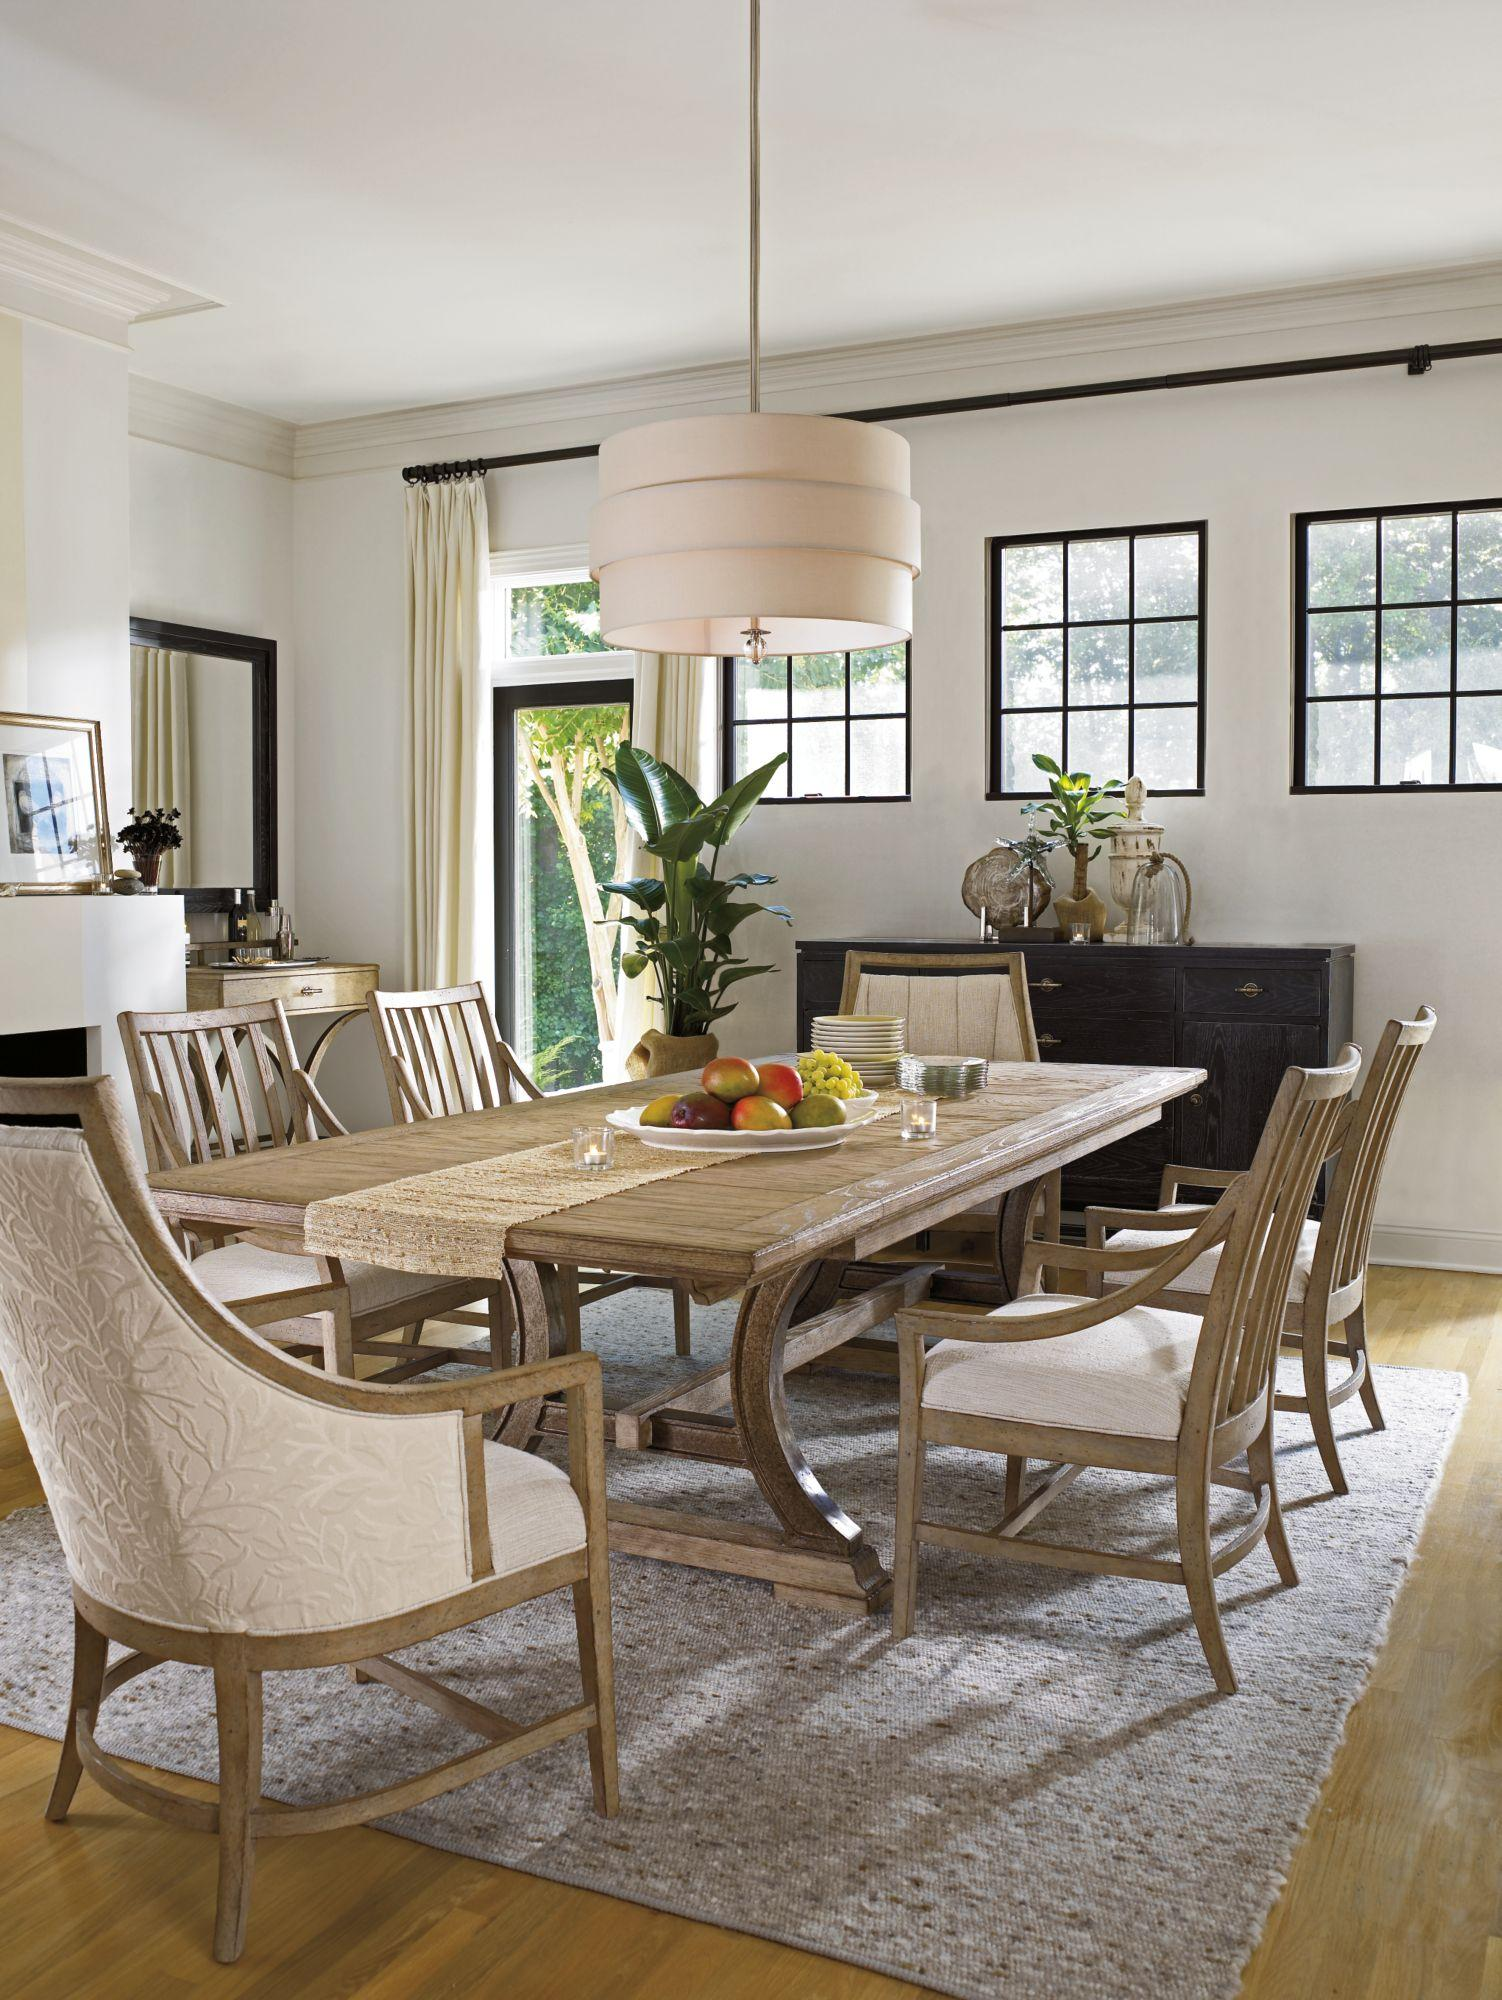 coastal living resort 062 7 by stanley furniture baer. Black Bedroom Furniture Sets. Home Design Ideas